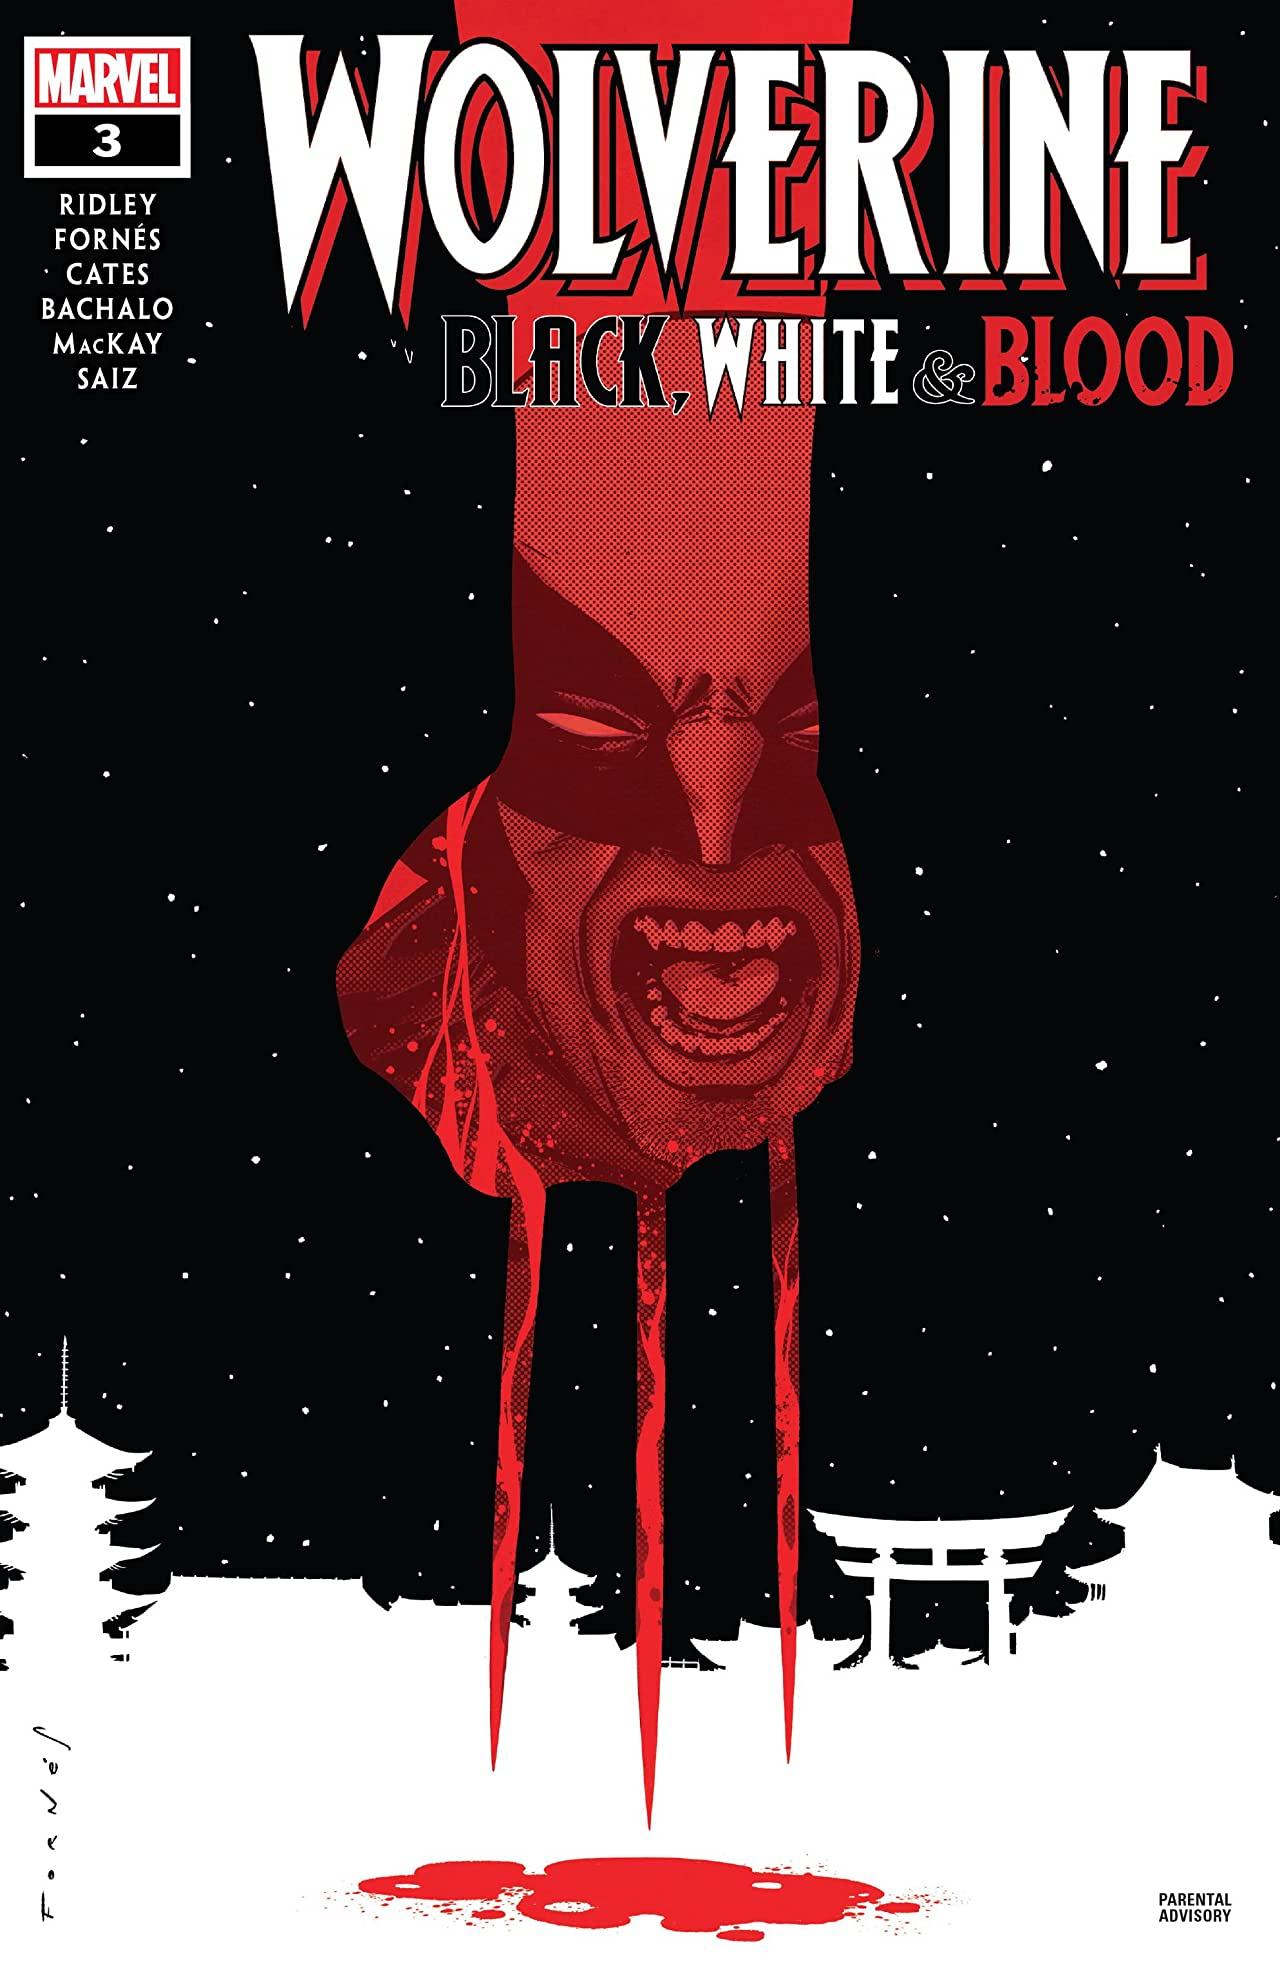 Wolverine: Black, White & Blood Vol 1 3